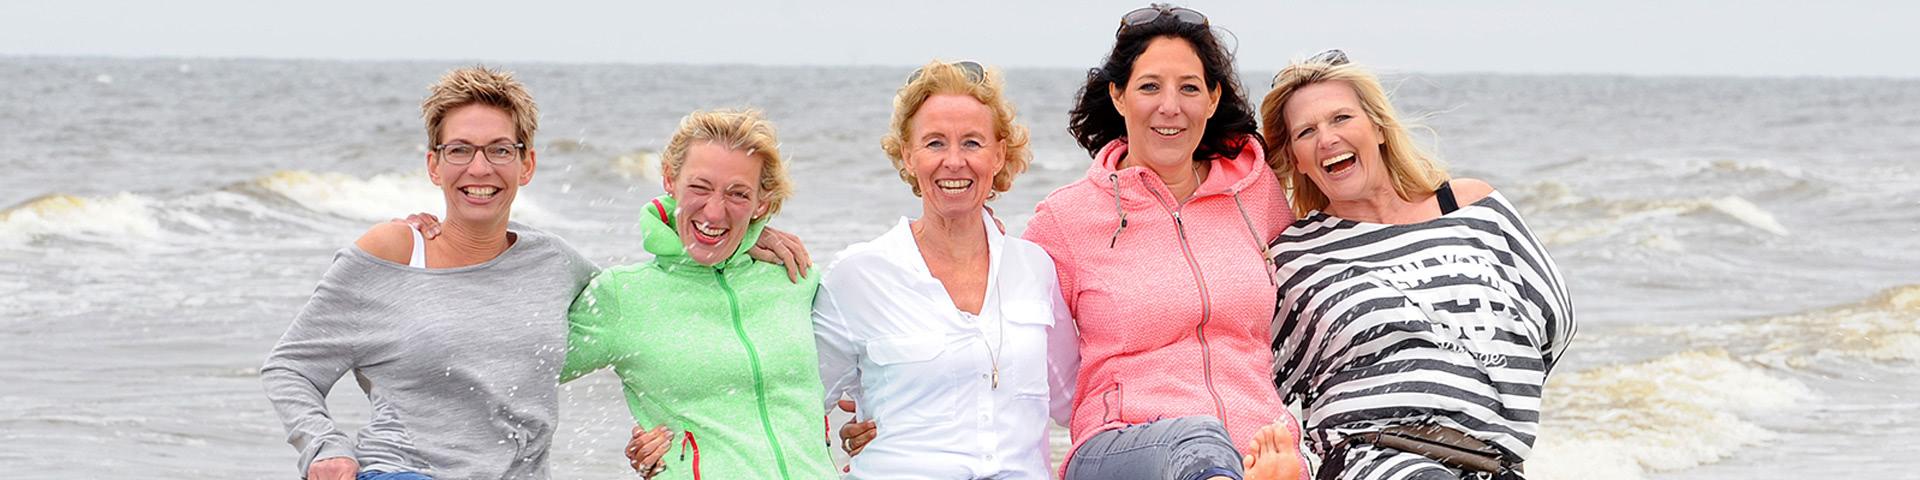 Fröhliche Frauengruppe am Strand von Norderney